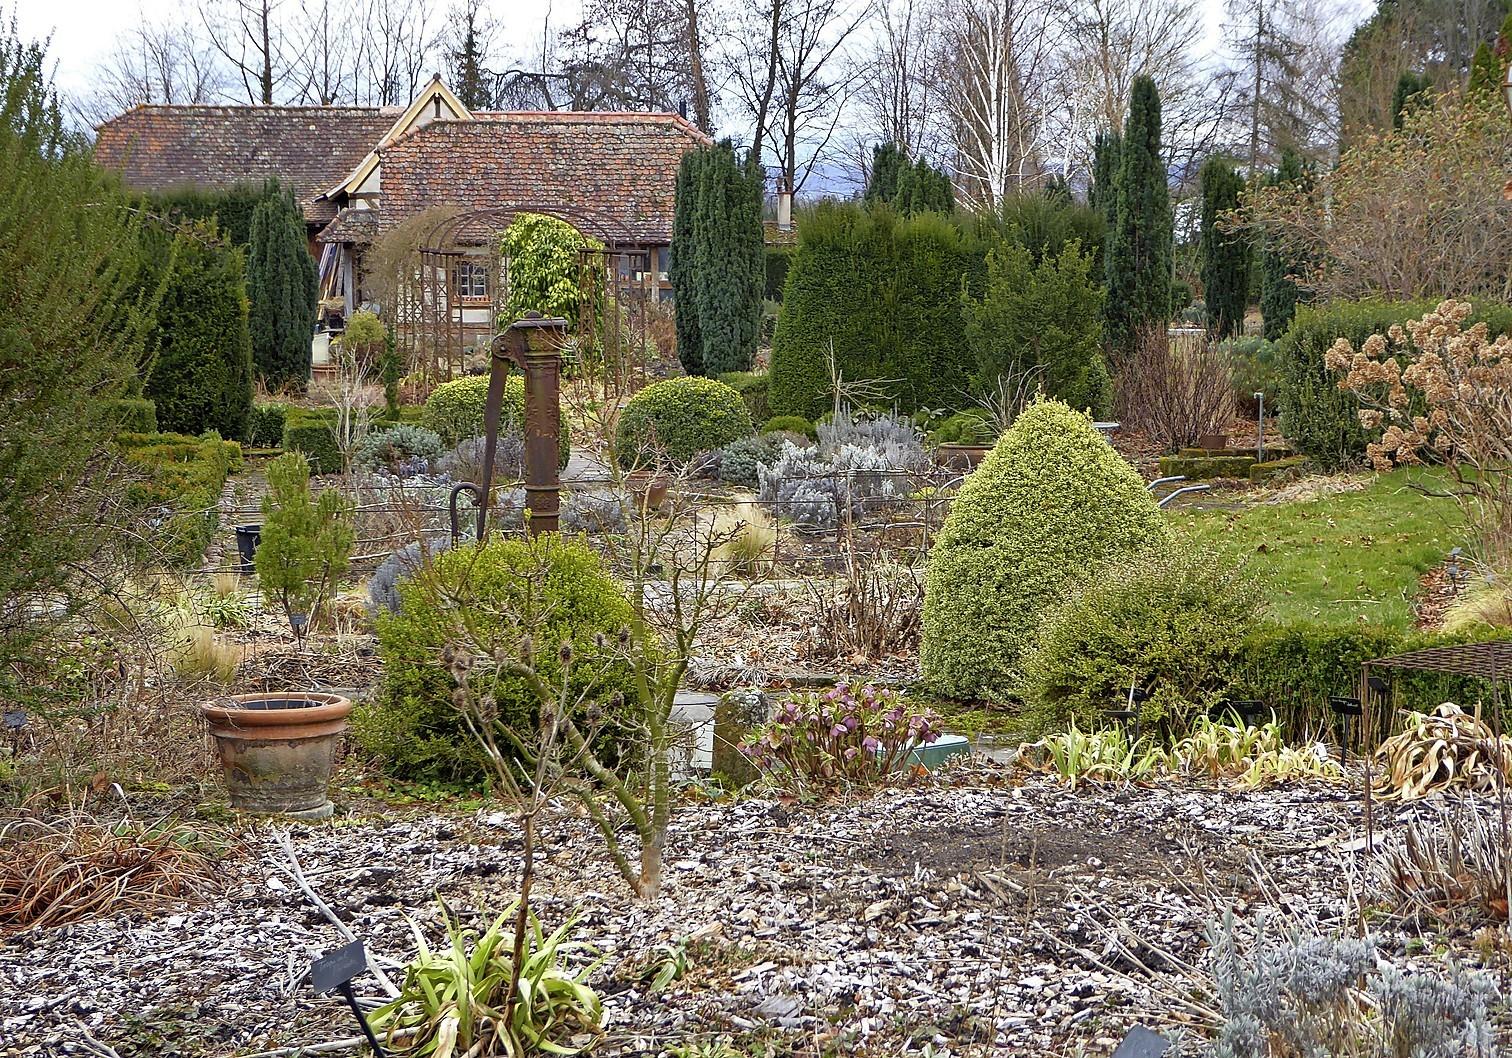 Winterschonheiten Im Garten Dorf Und Familie Badische Bauern